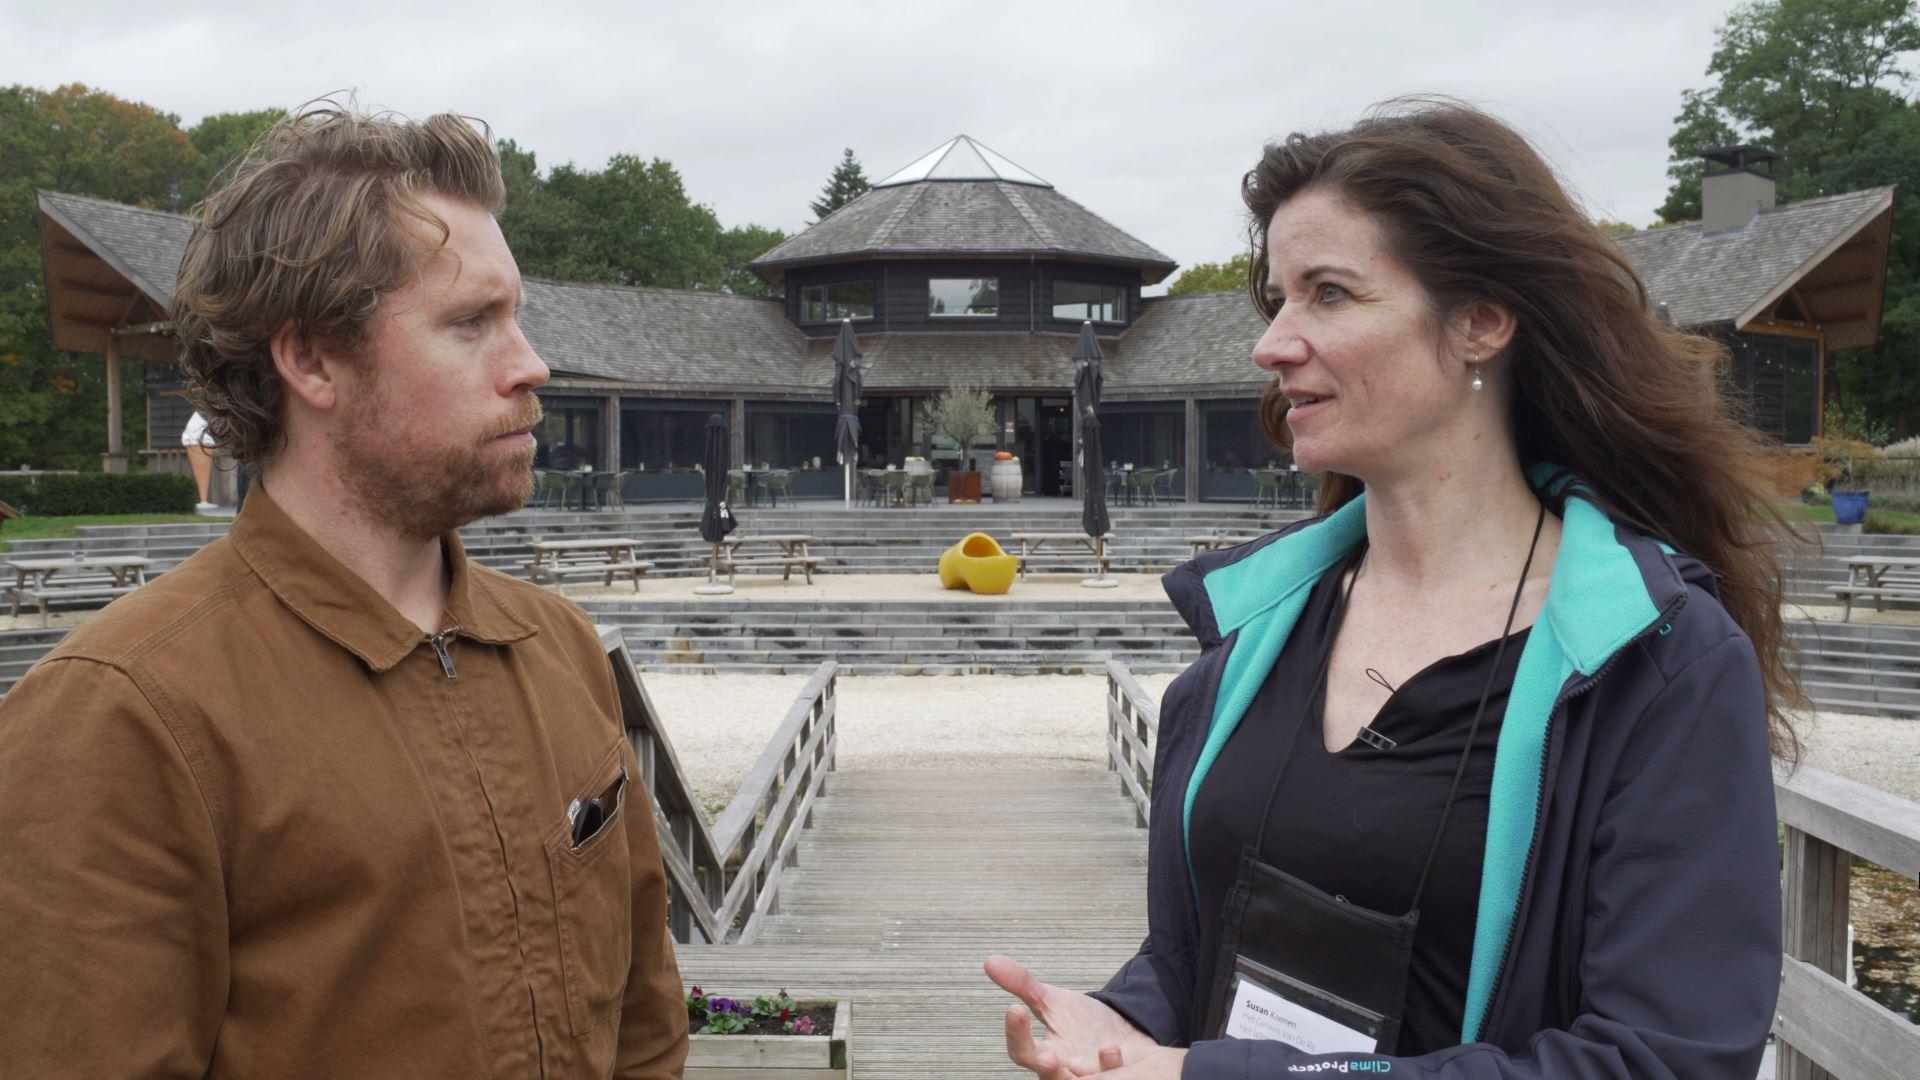 Beholders - Tim Haars & Susan Koenen